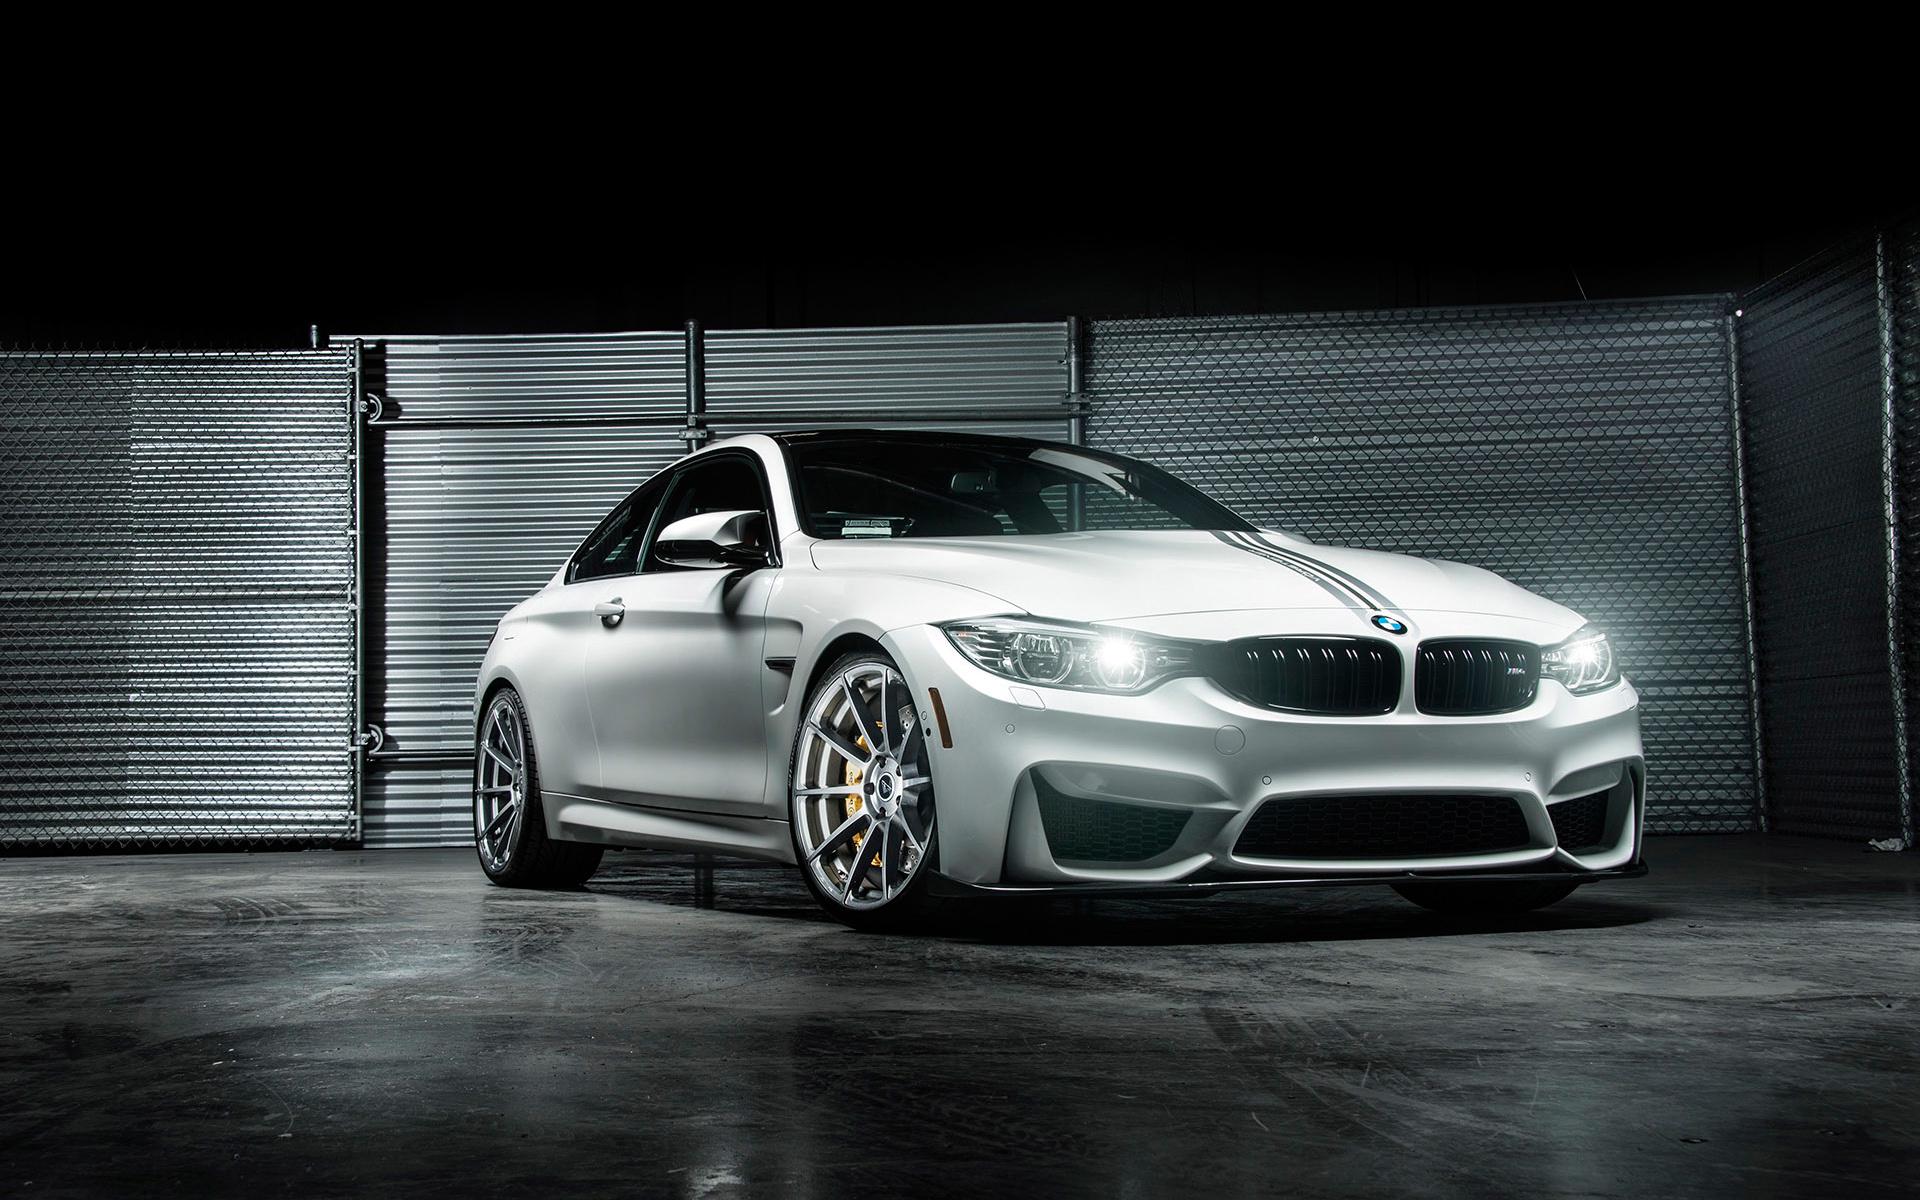 2015 Vorsteiner BMW M4 Evo Aero Wallpaper   HD Car ...